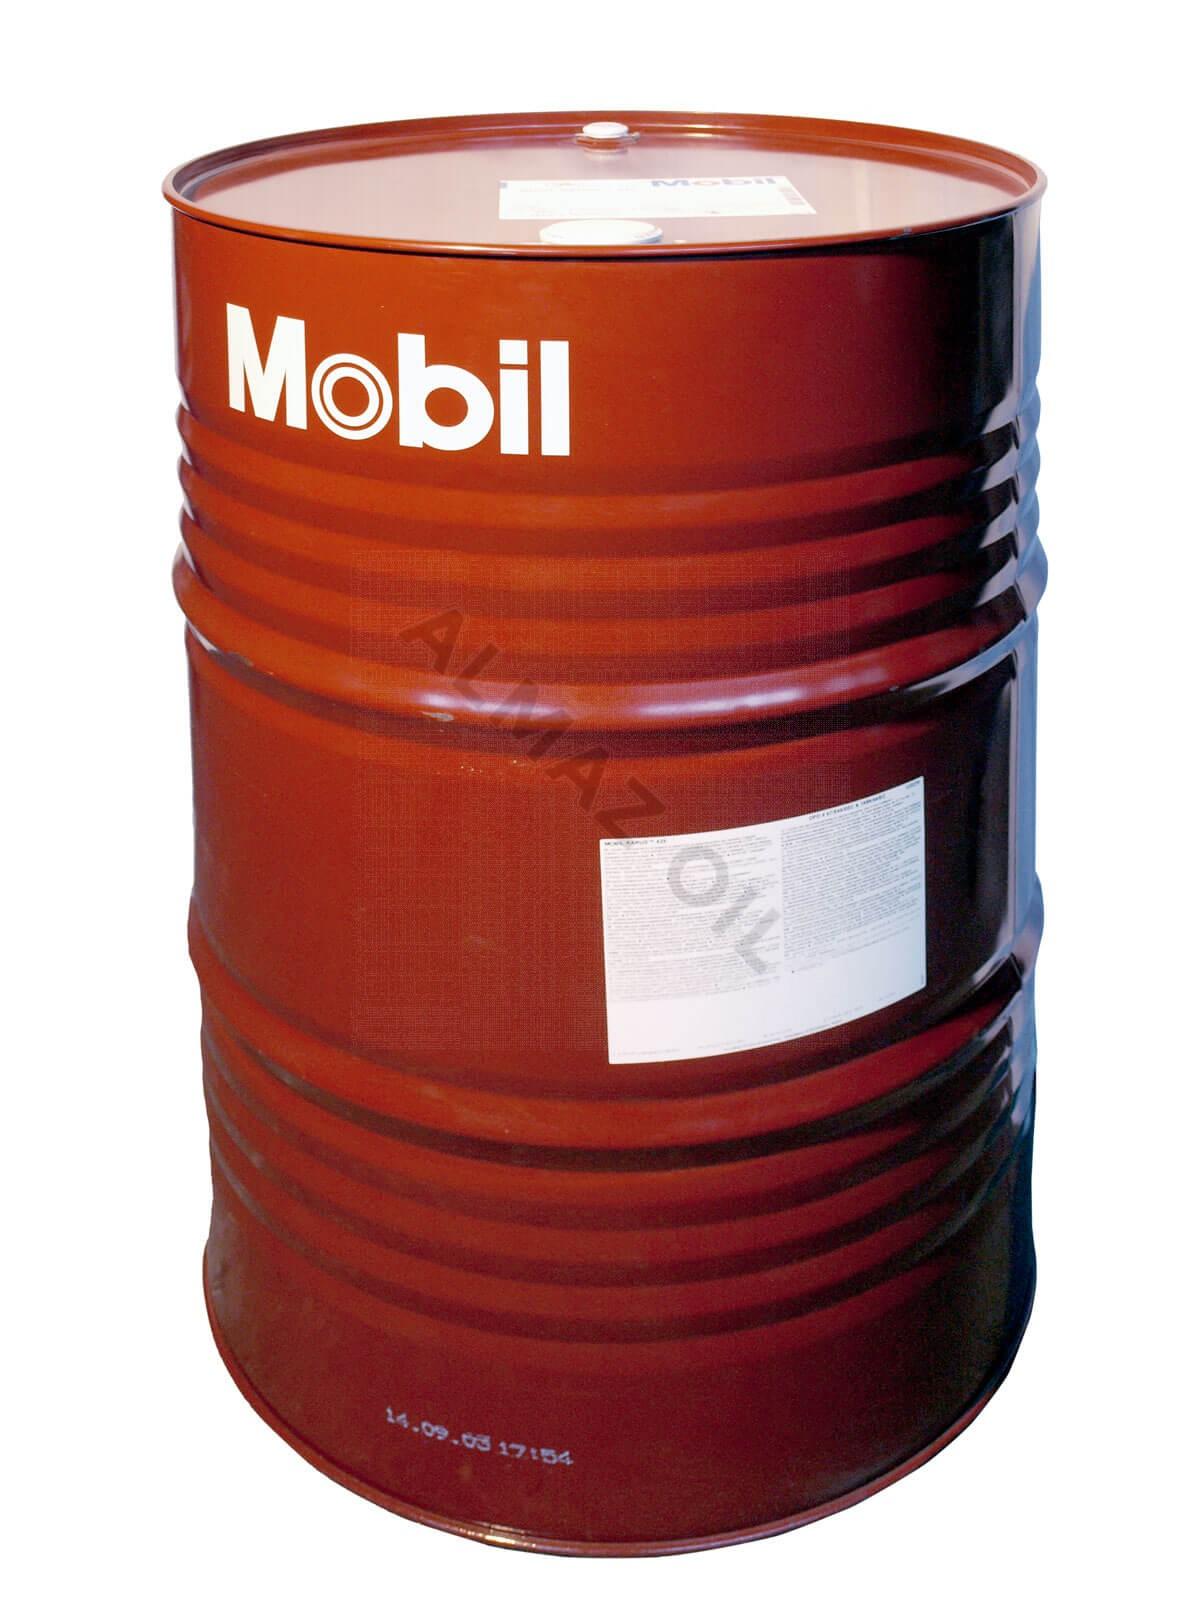 Mobil Velocite Oil No 10